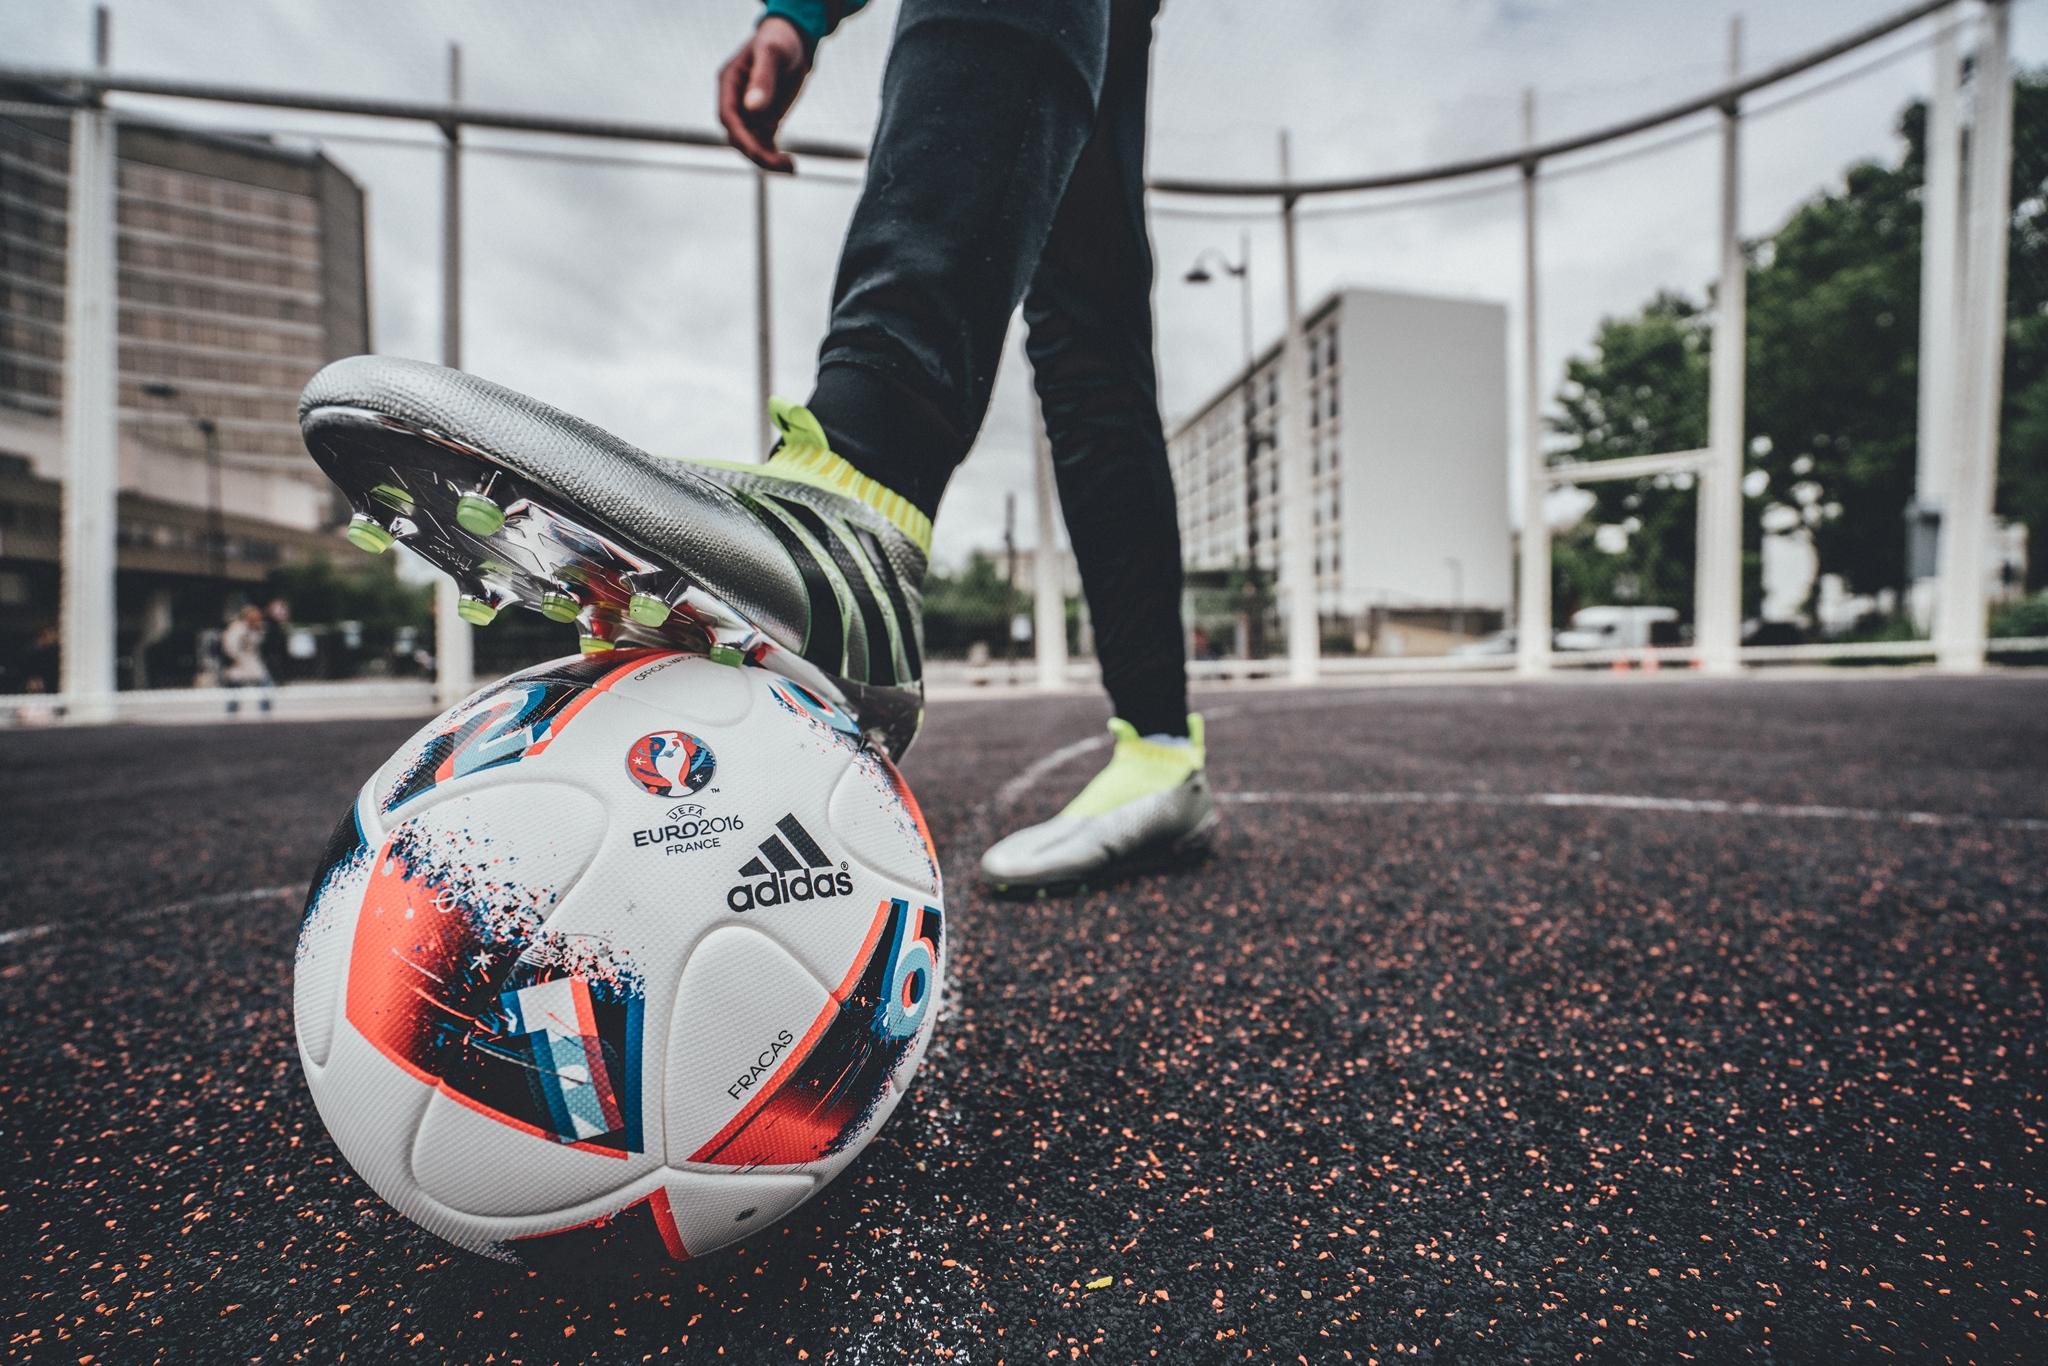 adidas lança a bola oficial da fase eliminatória da UEFA EURO 2016 - BrasilAlemanha  News ed5b7a0a53bab